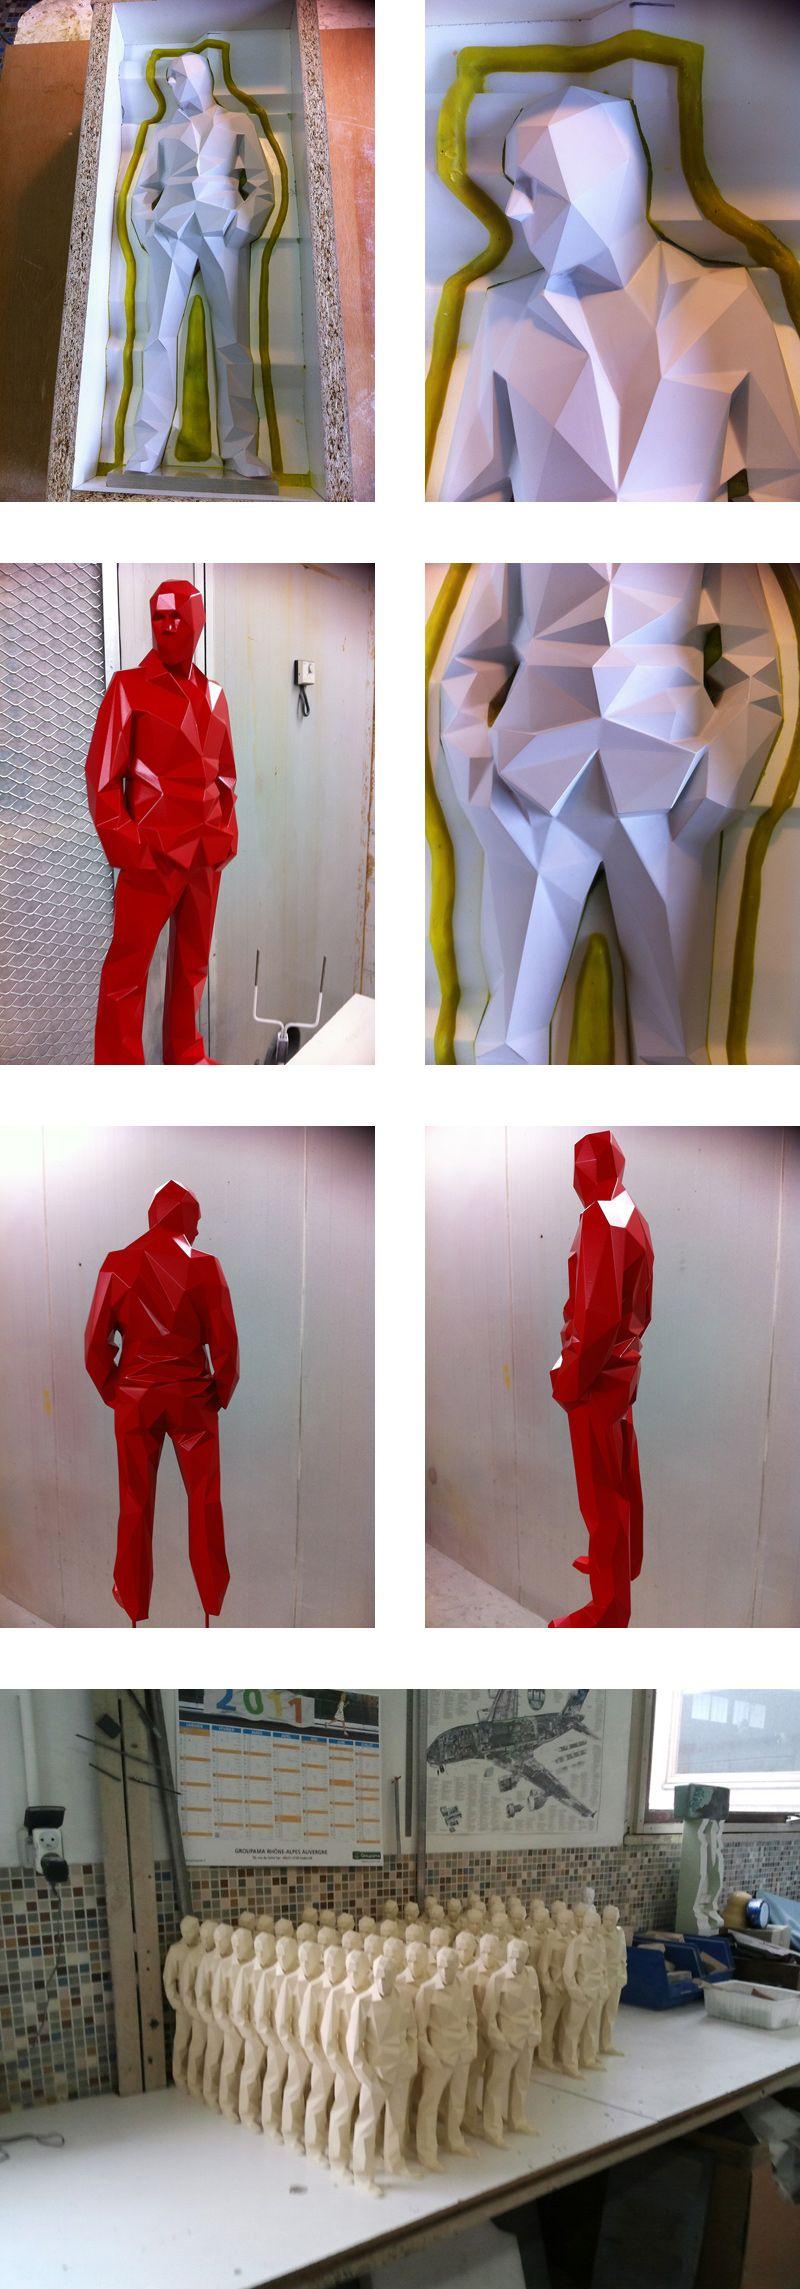 Poly Sculptures In Process #3dprintedsculpture 3d Printed Sculpture Art